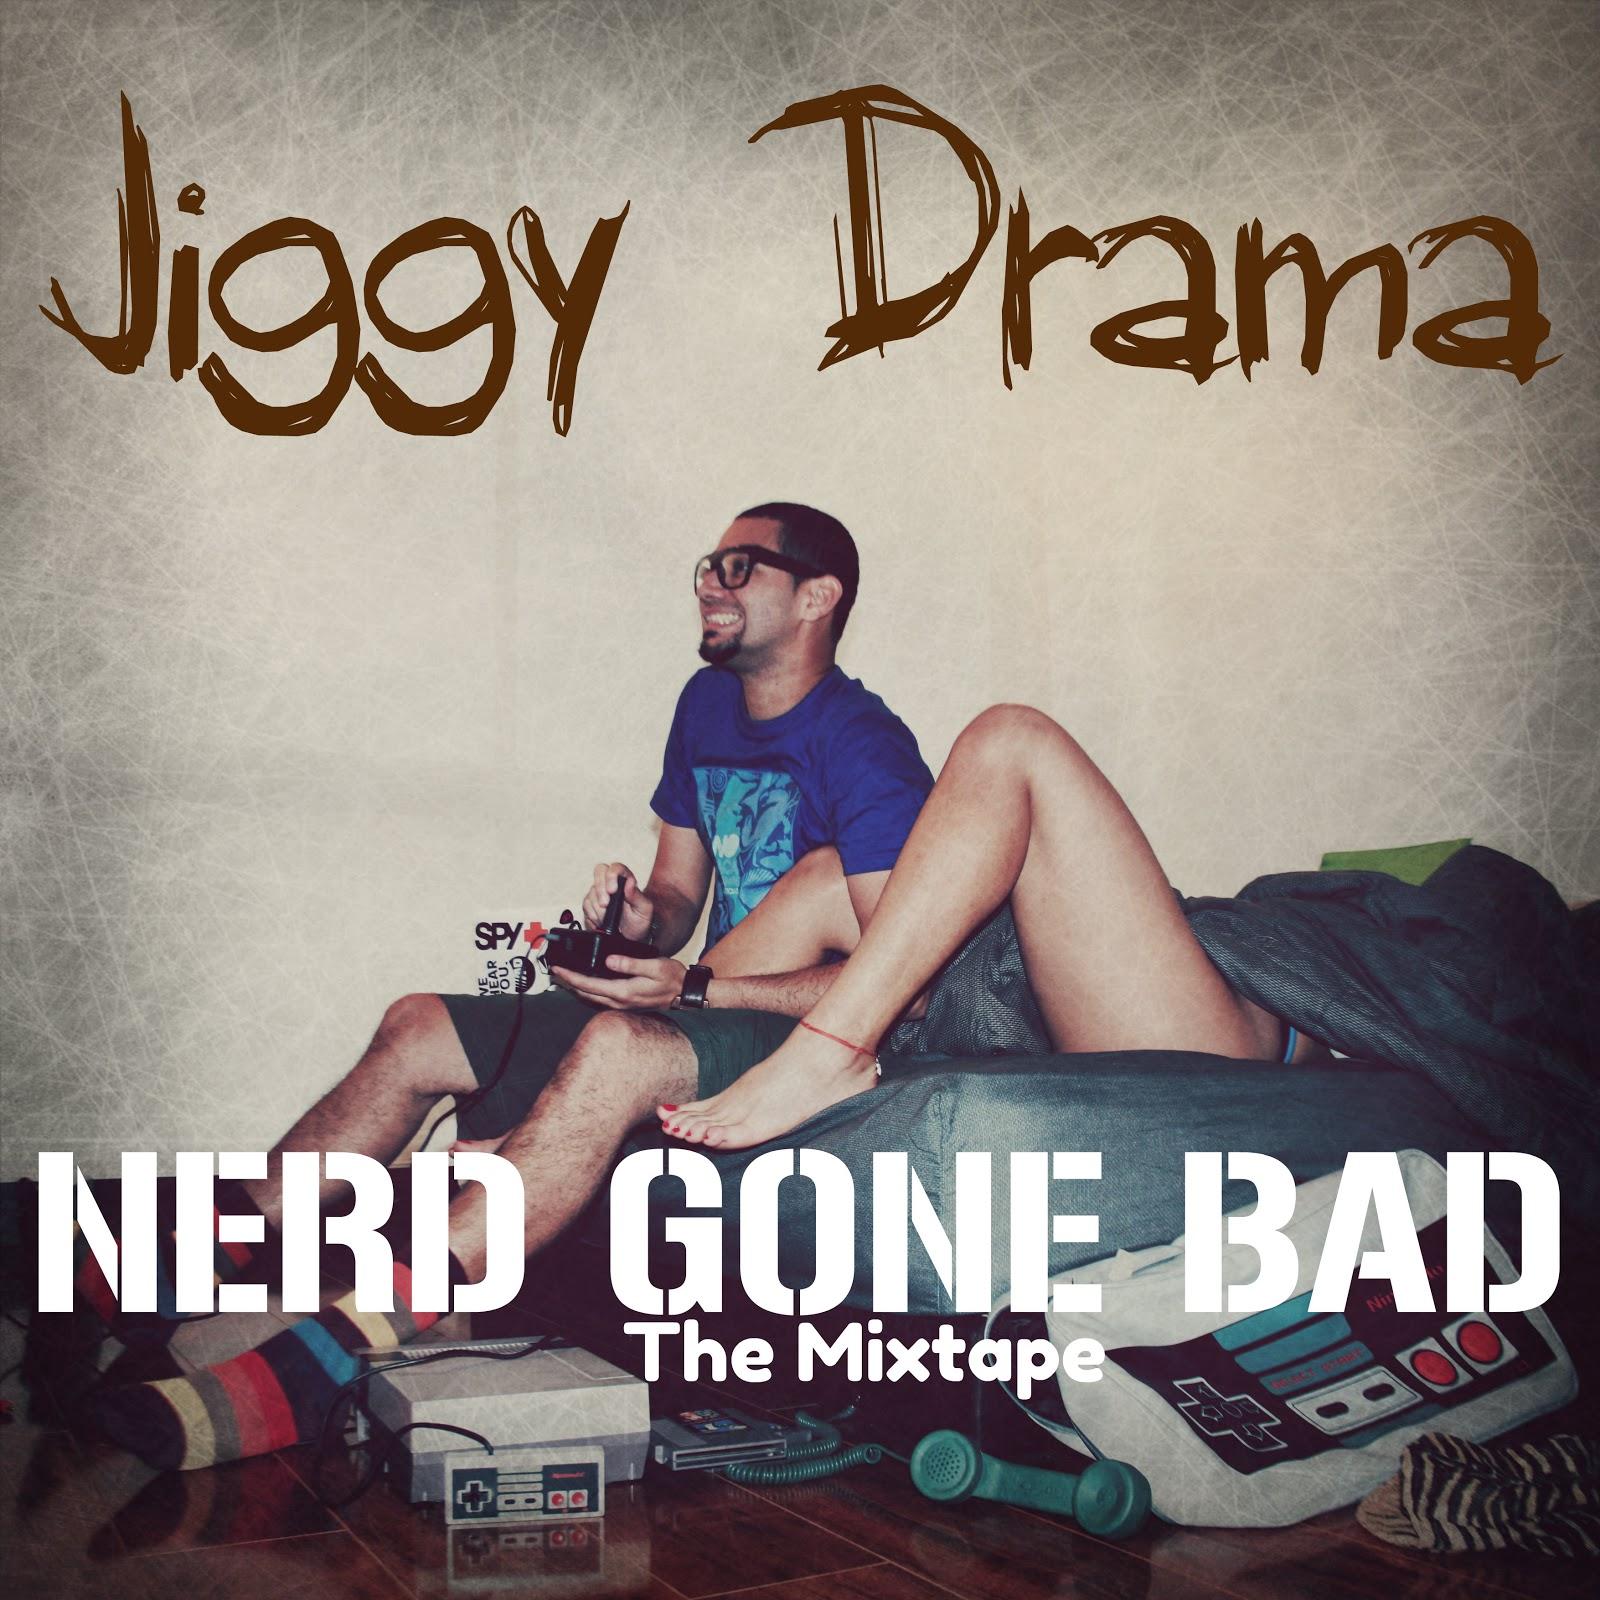 Nerd gone bad